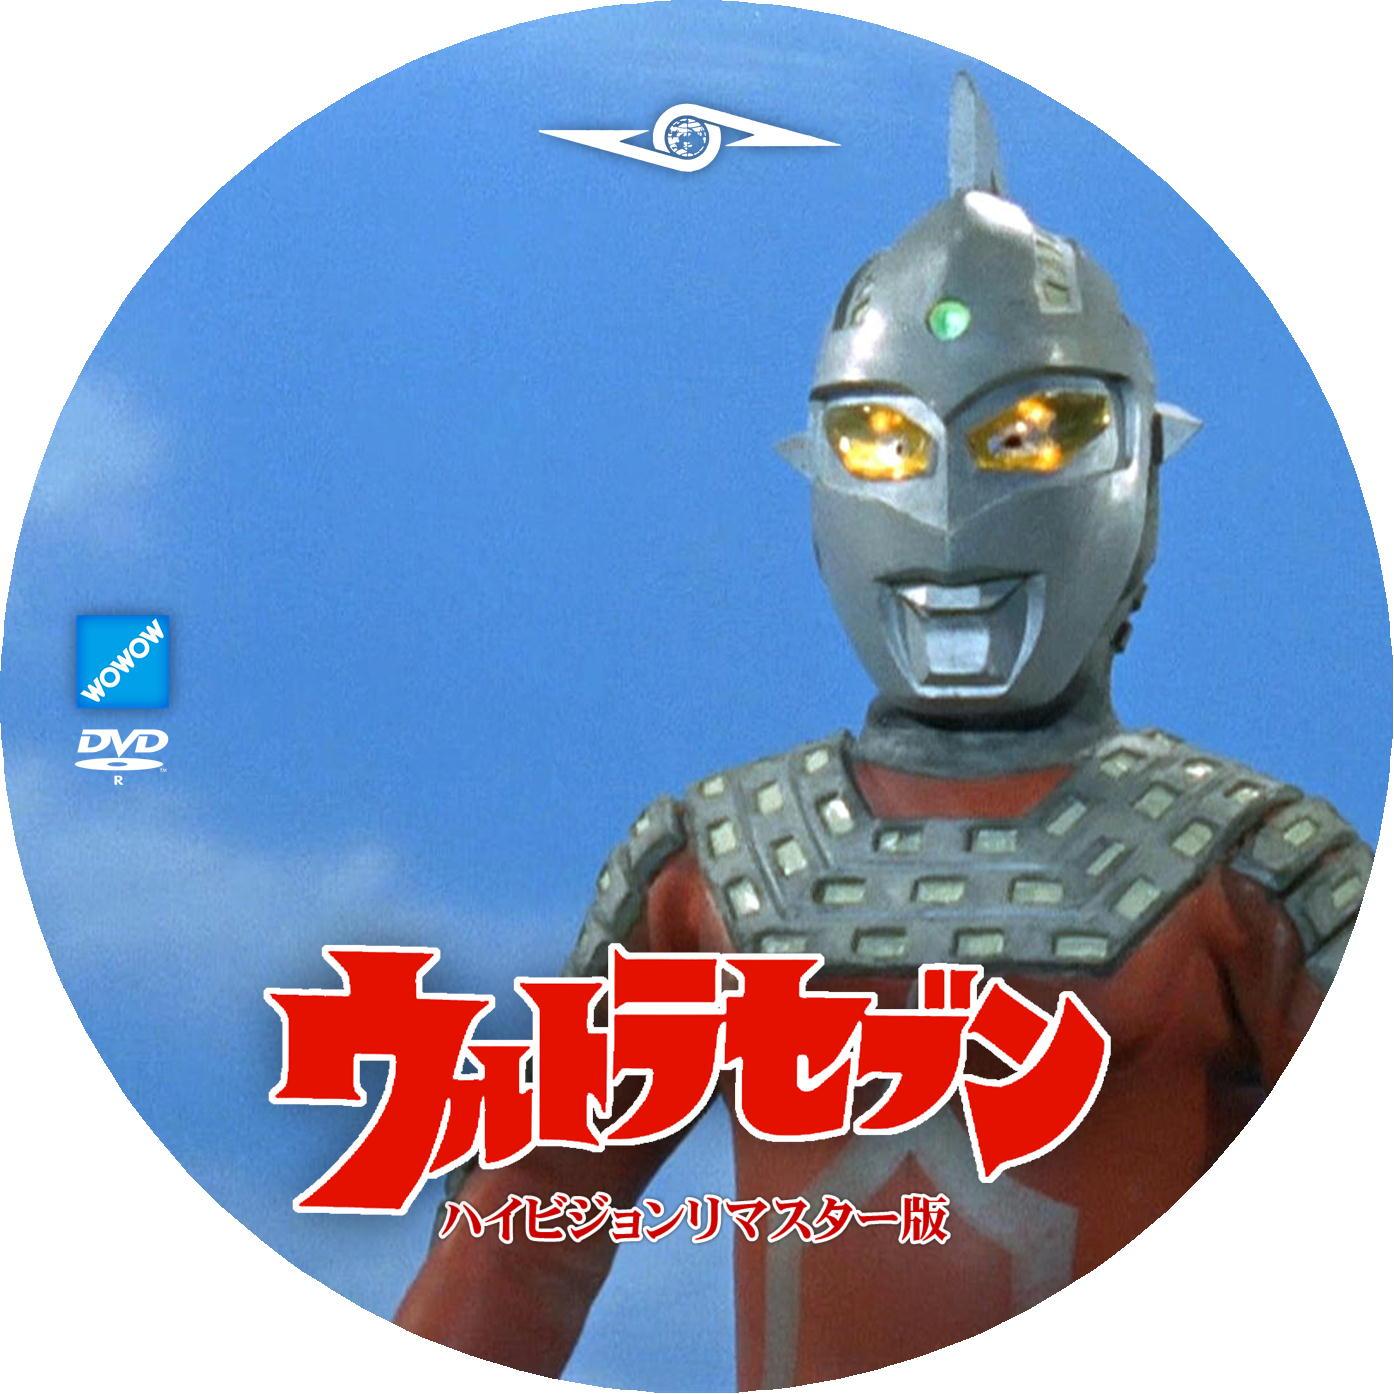 ウルトラセブン3 DVDラベル